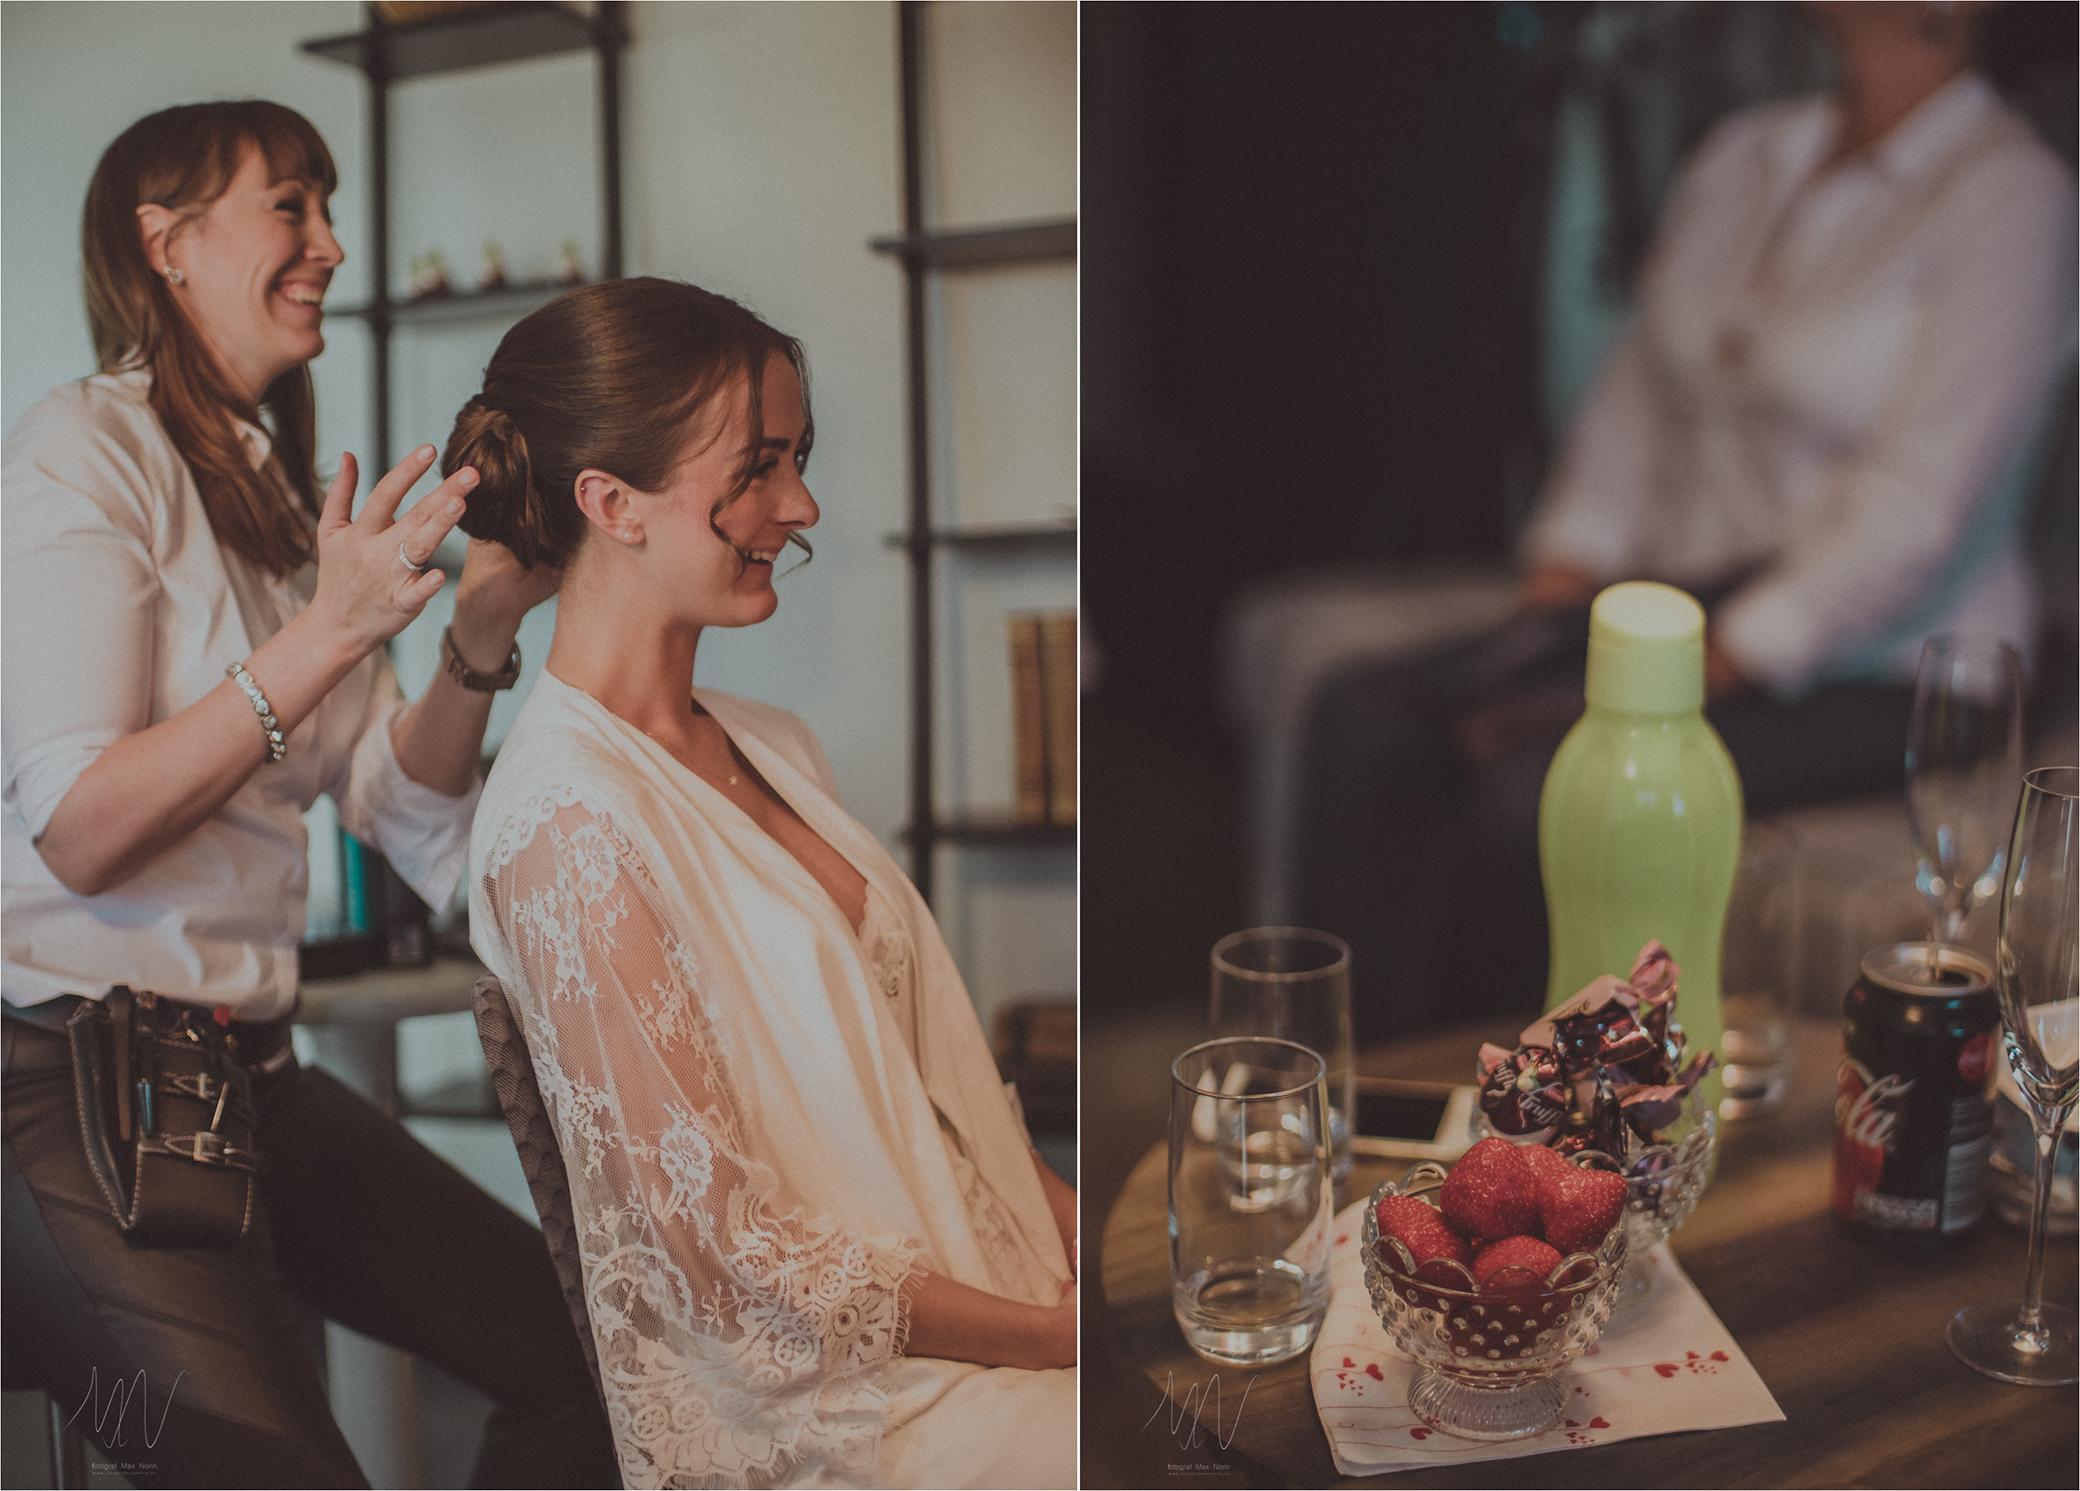 bröllopsfoto-fotograf-max-norin-2 kopiera.jpg